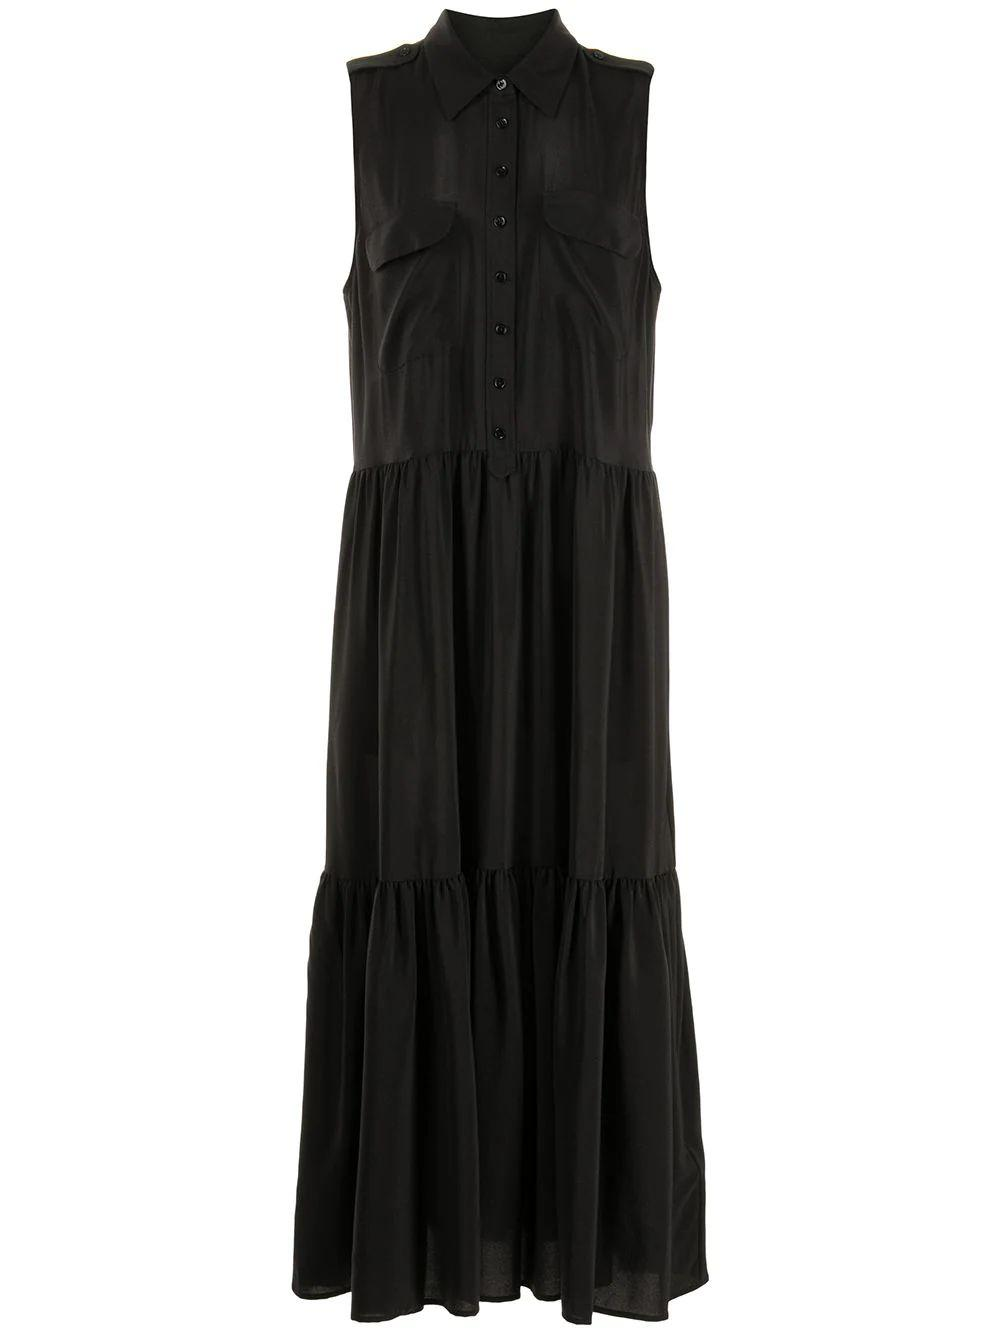 Allix Midi Dress Item # 21-1-Q23-DR02782